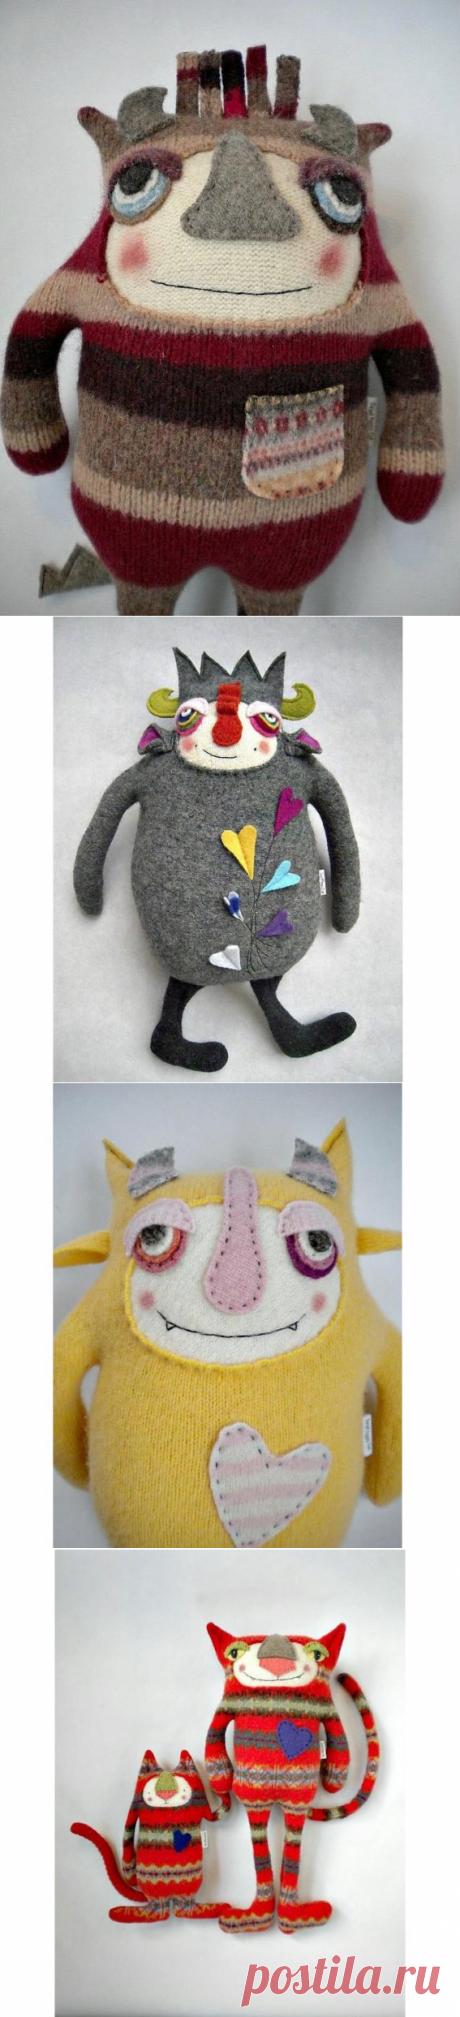 новые игрушки из старых свитеров: творческий подход Amanda Katzenmeyer